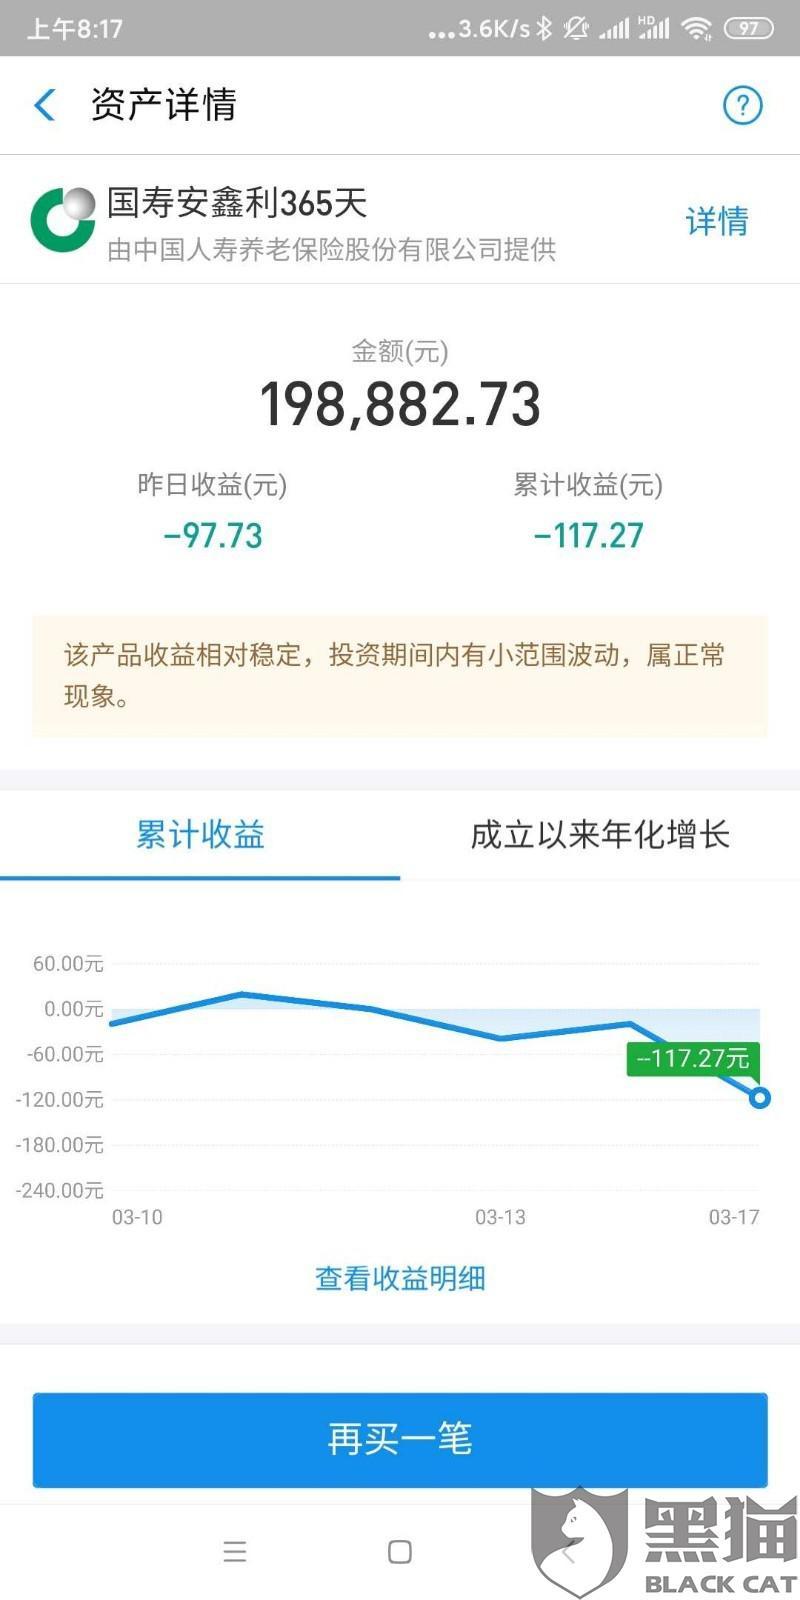 黑猫投诉:中国人寿养老保险有限公司旗下产品国寿安鑫利365涉嫌虚假宣传误导购买。